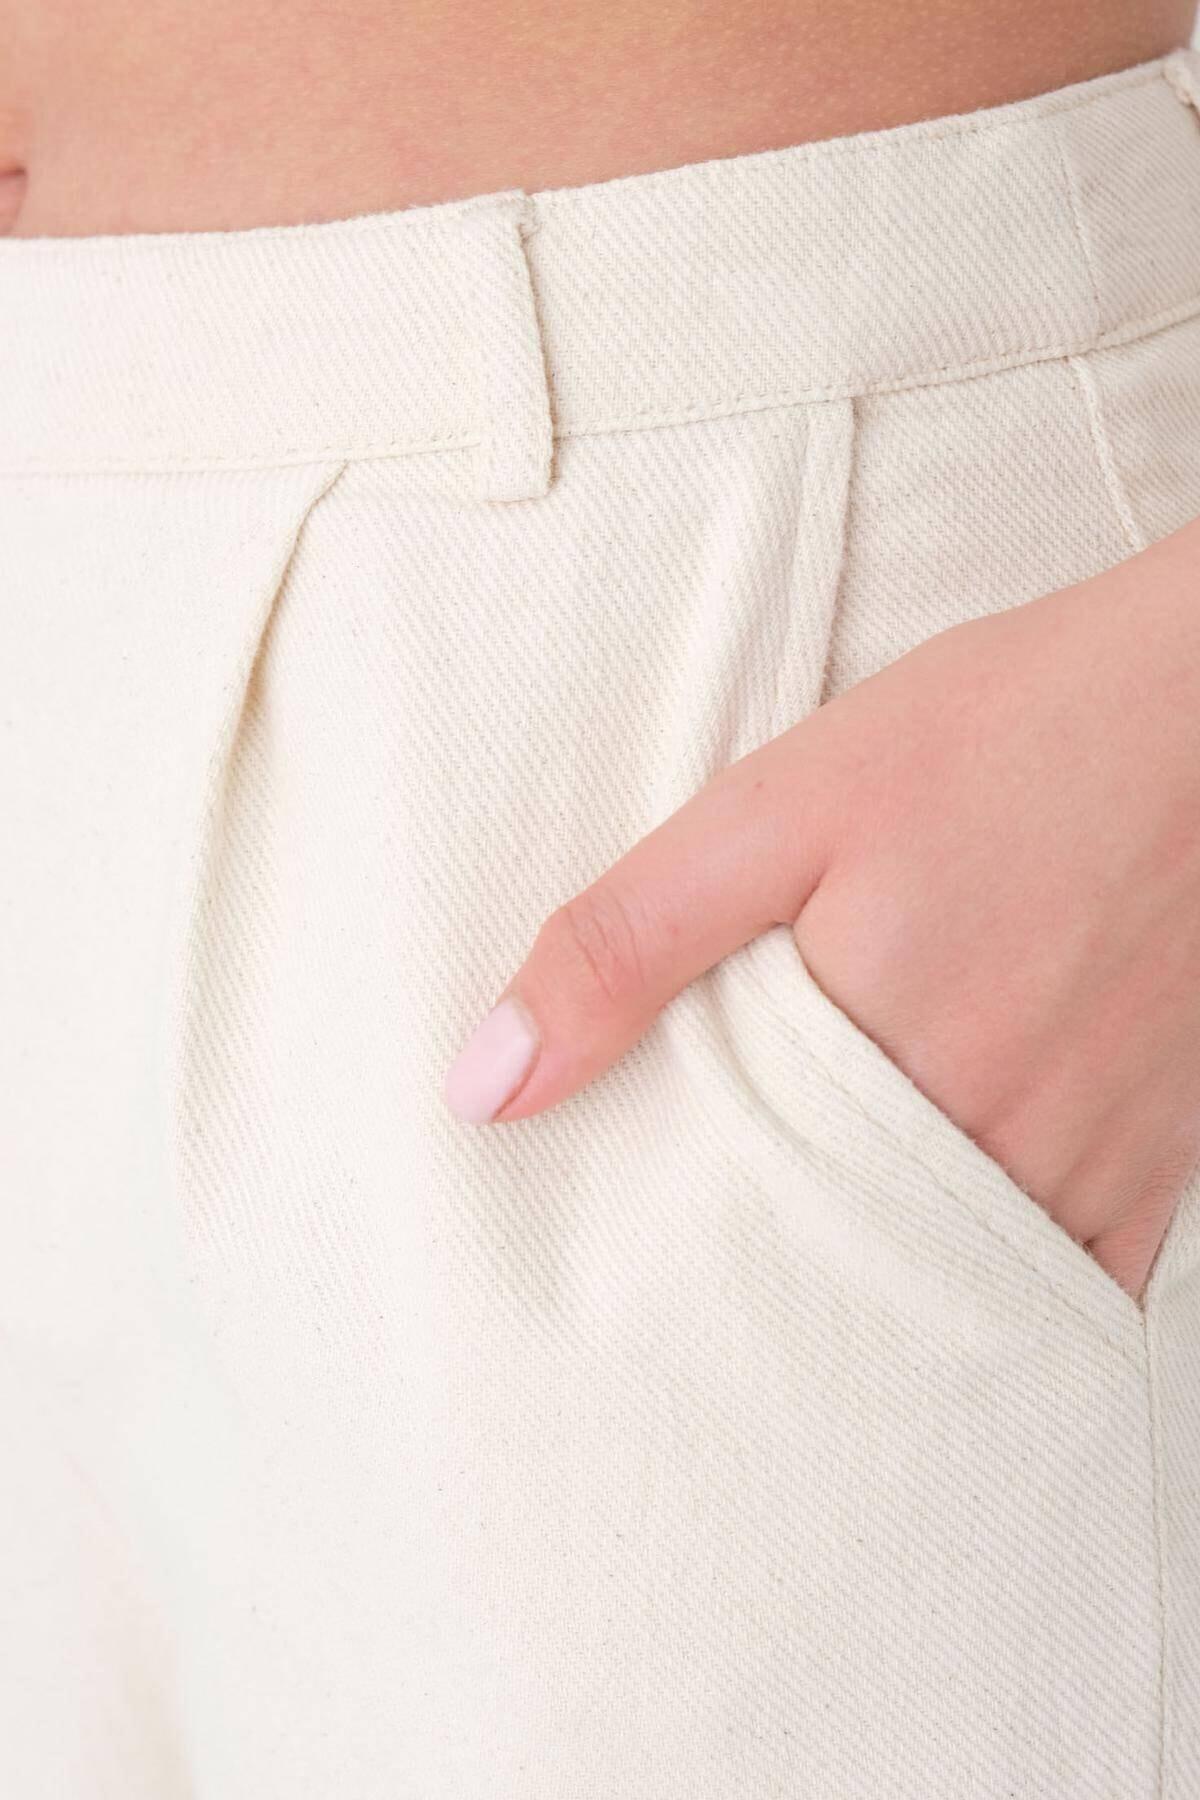 Addax Kadın Taş Cep Detaylı Pantolon Pn03-0045 - K12 Adx-0000024274 2